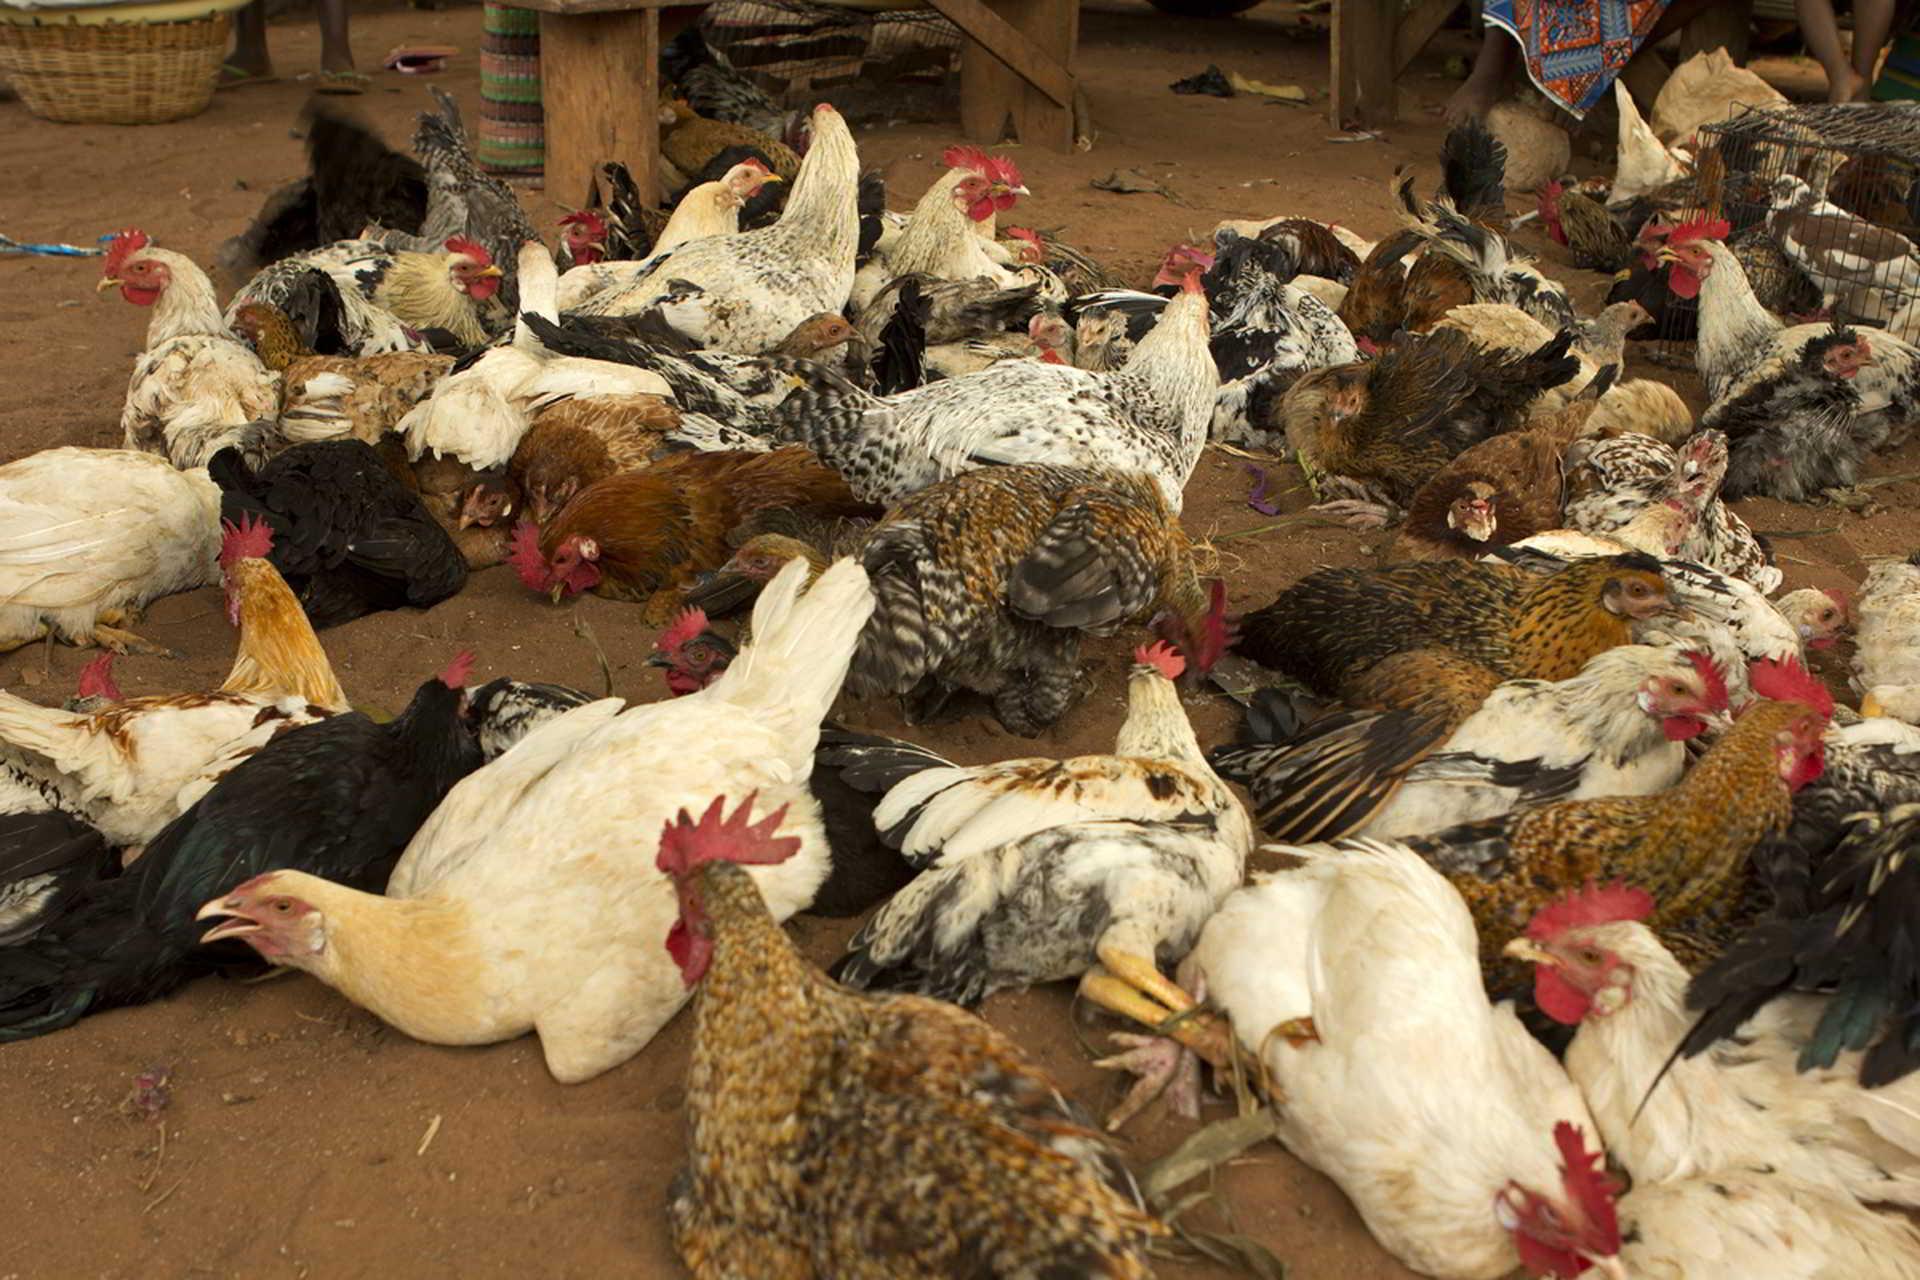 benin2012 - Wyprawa_do_Beninu_-2012_203.jpg